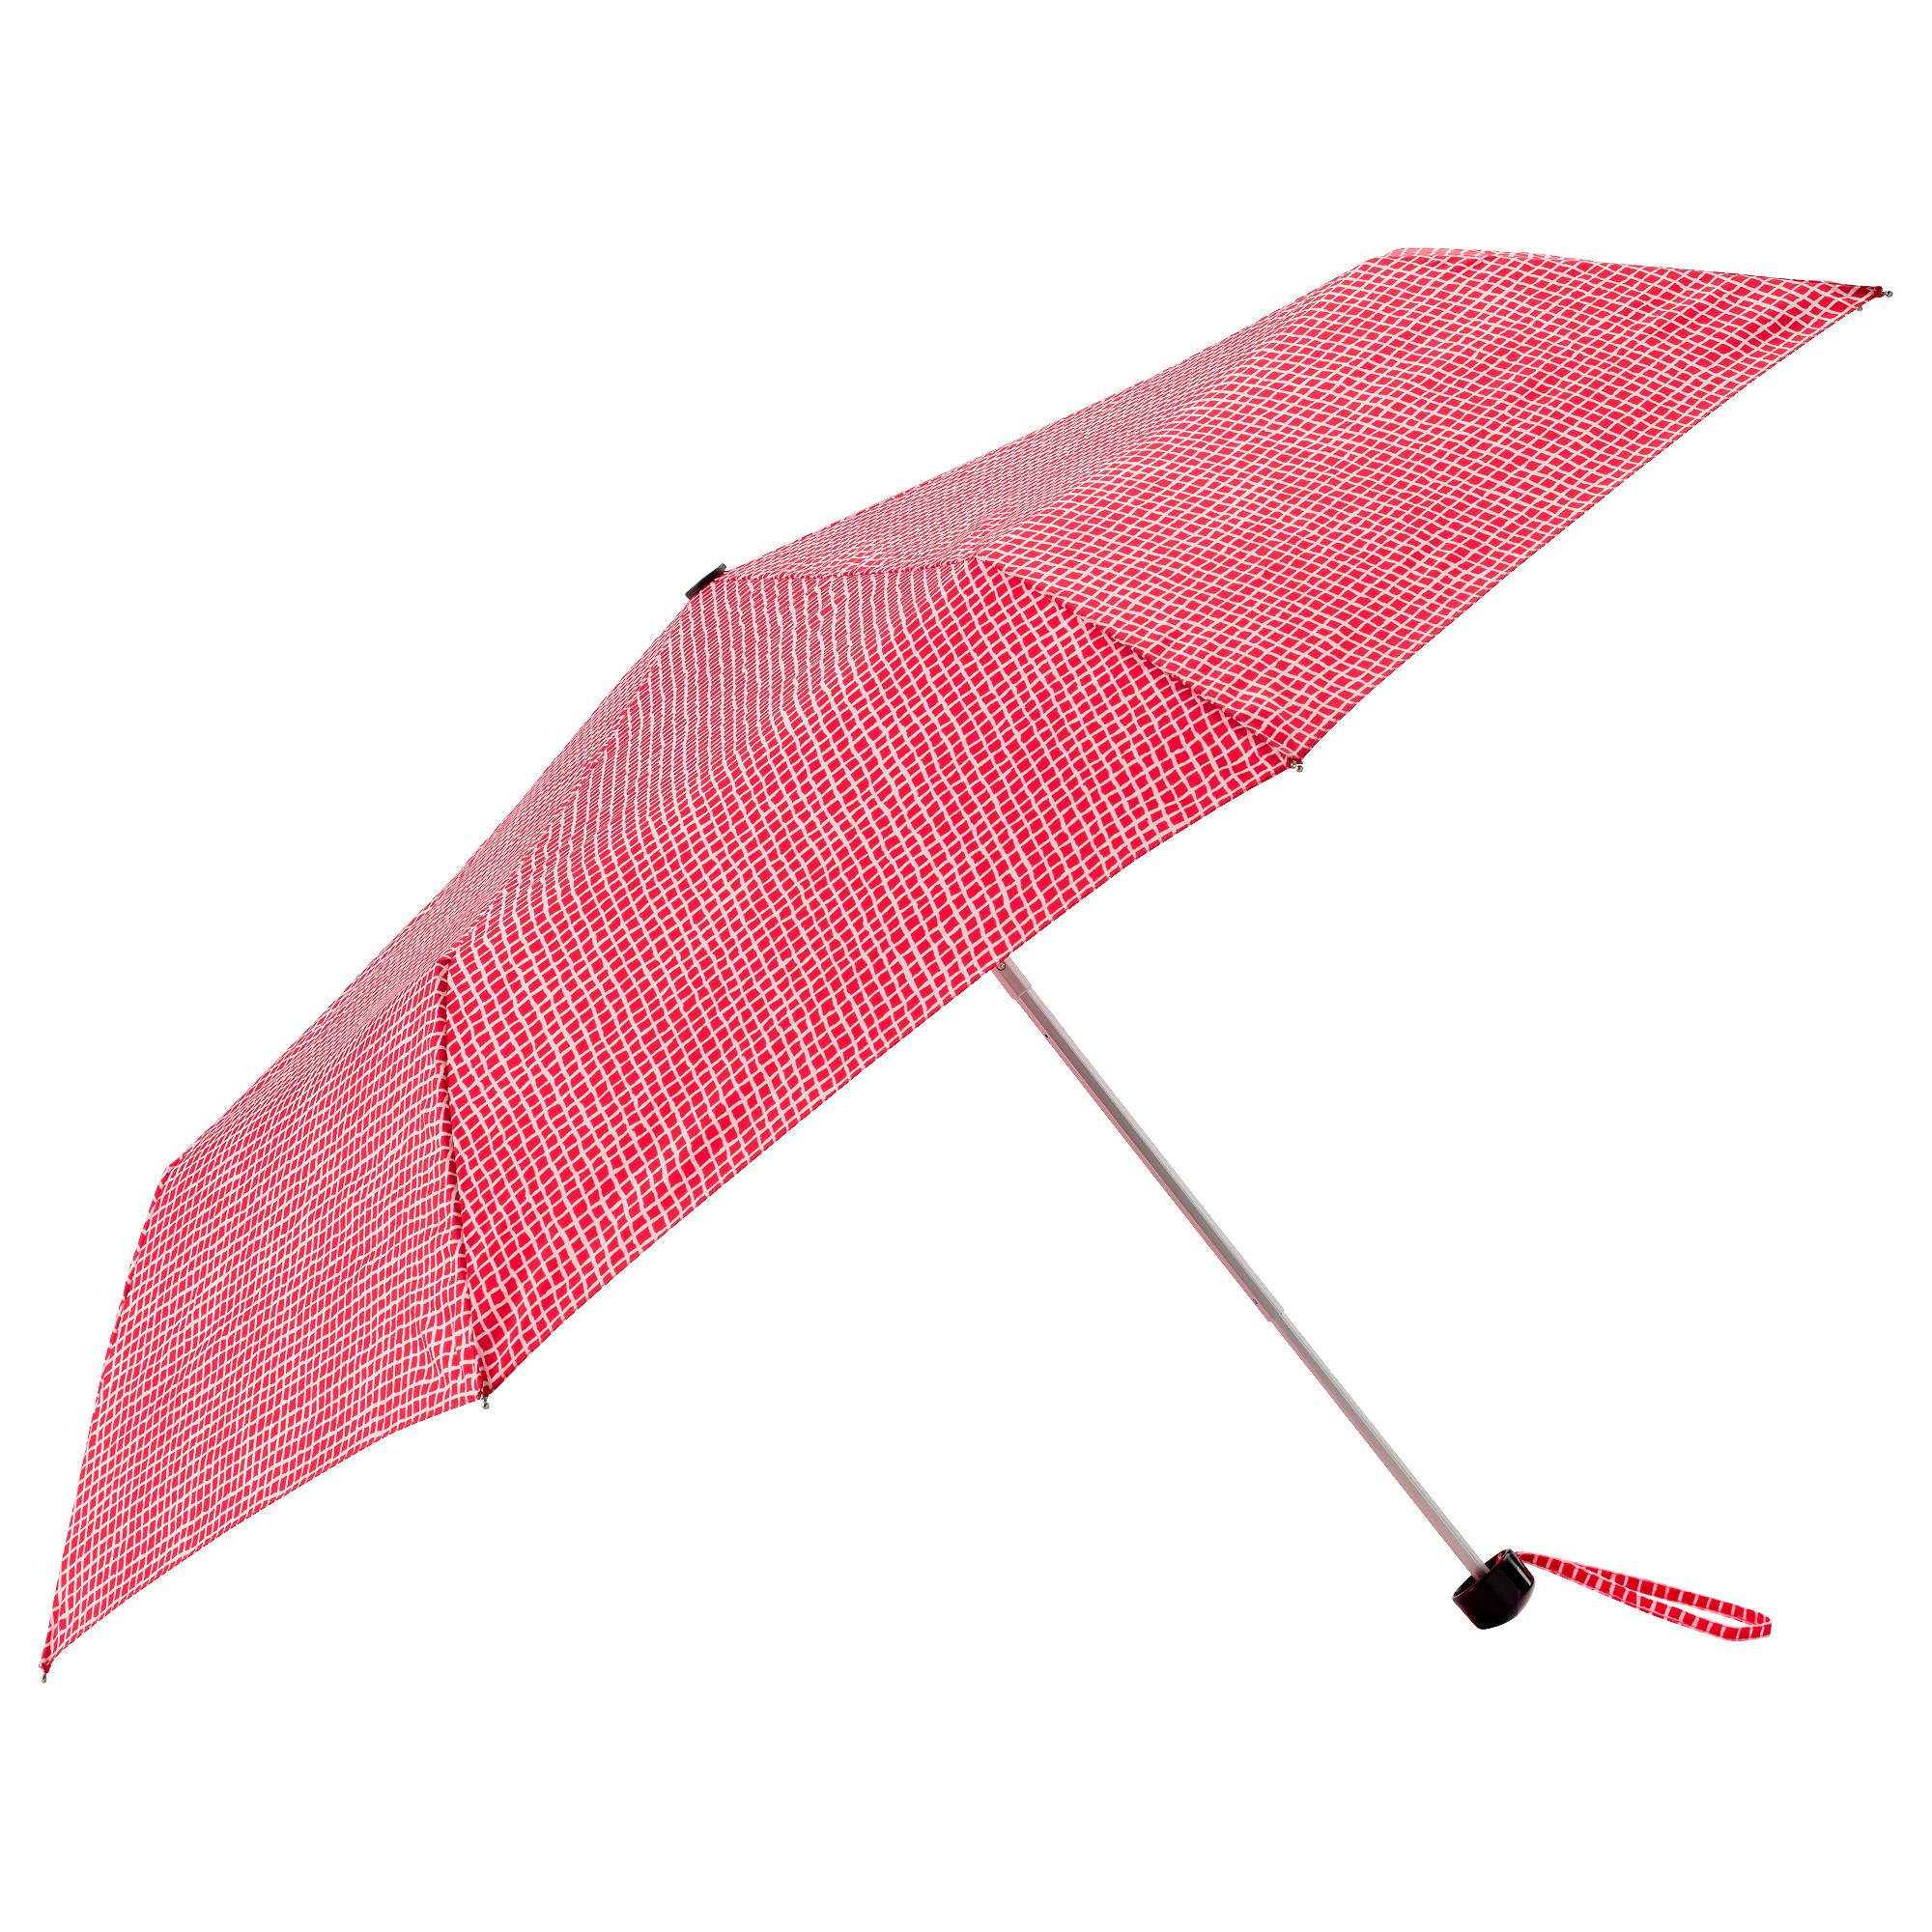 Зонт КНЭЛЛА красный/белый артикуль № 803.791.30 в наличии. Online каталог ИКЕА РБ. Быстрая доставка и монтаж.